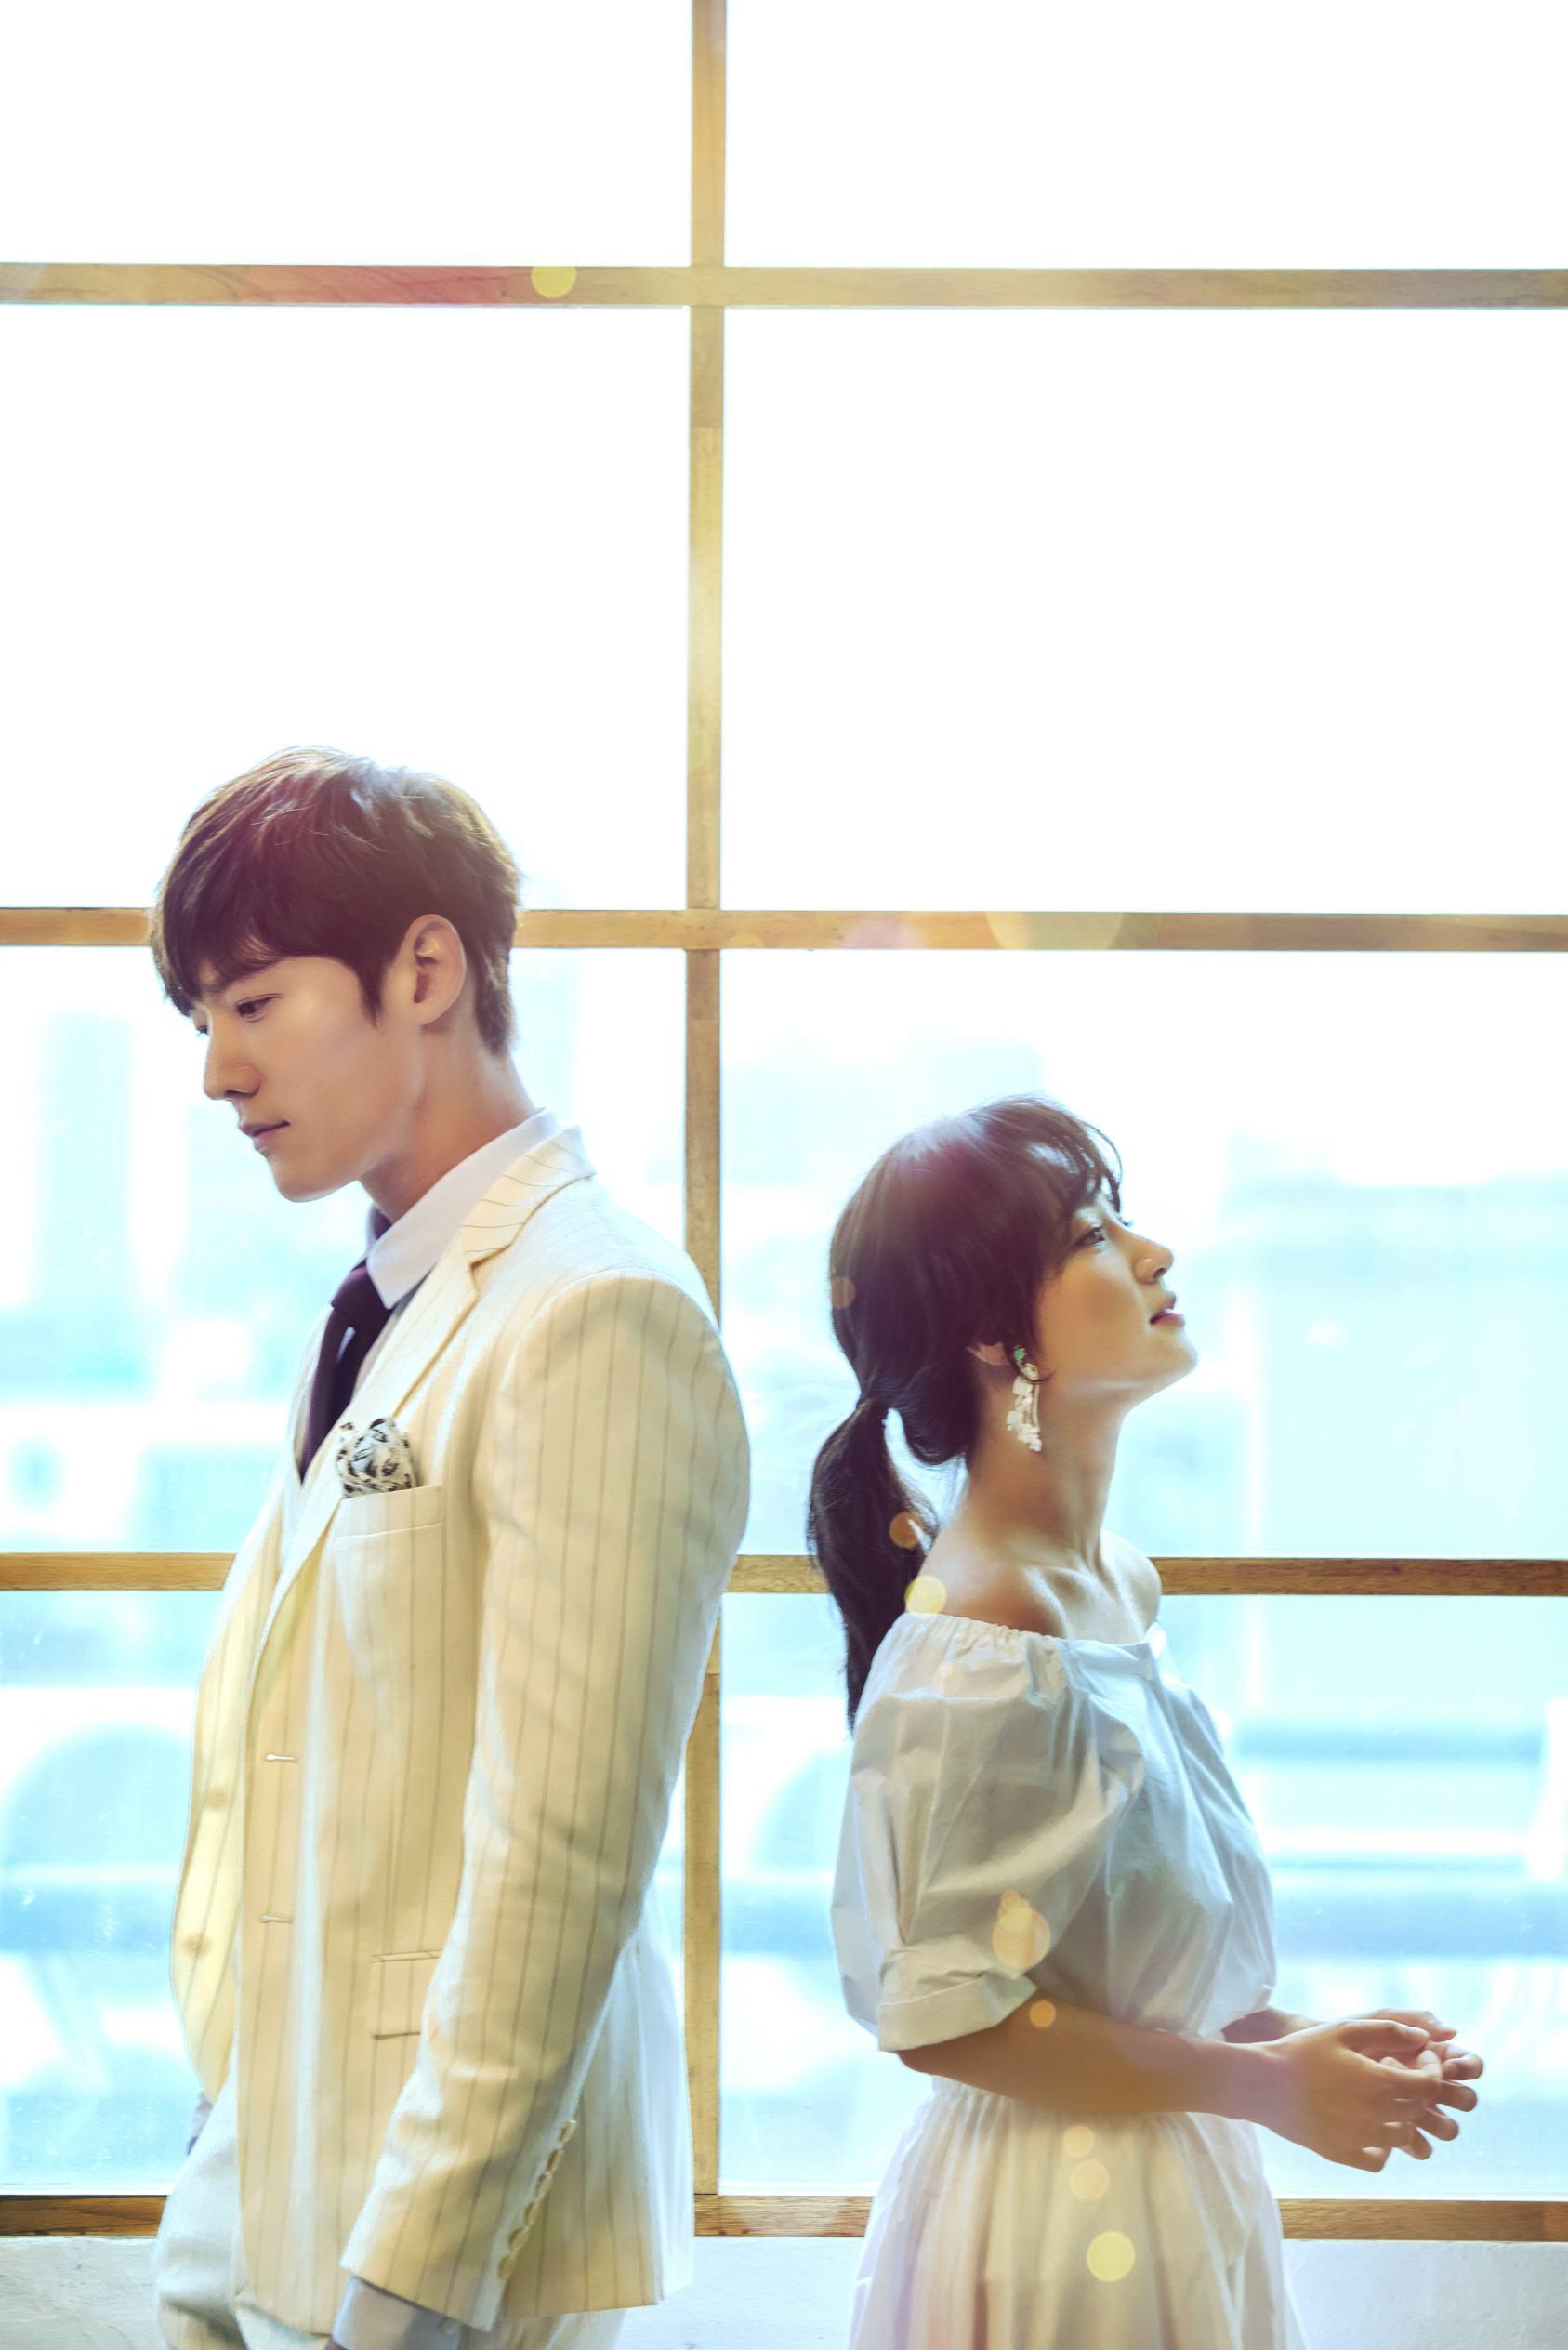 更是在今年話題度超高的韓劇《馬成的喜悅》中首次擔任女一~真的是超替她高興的~在戲裡更是美貌直線上升!說她是JYP演員的當家花旦也不誇張~